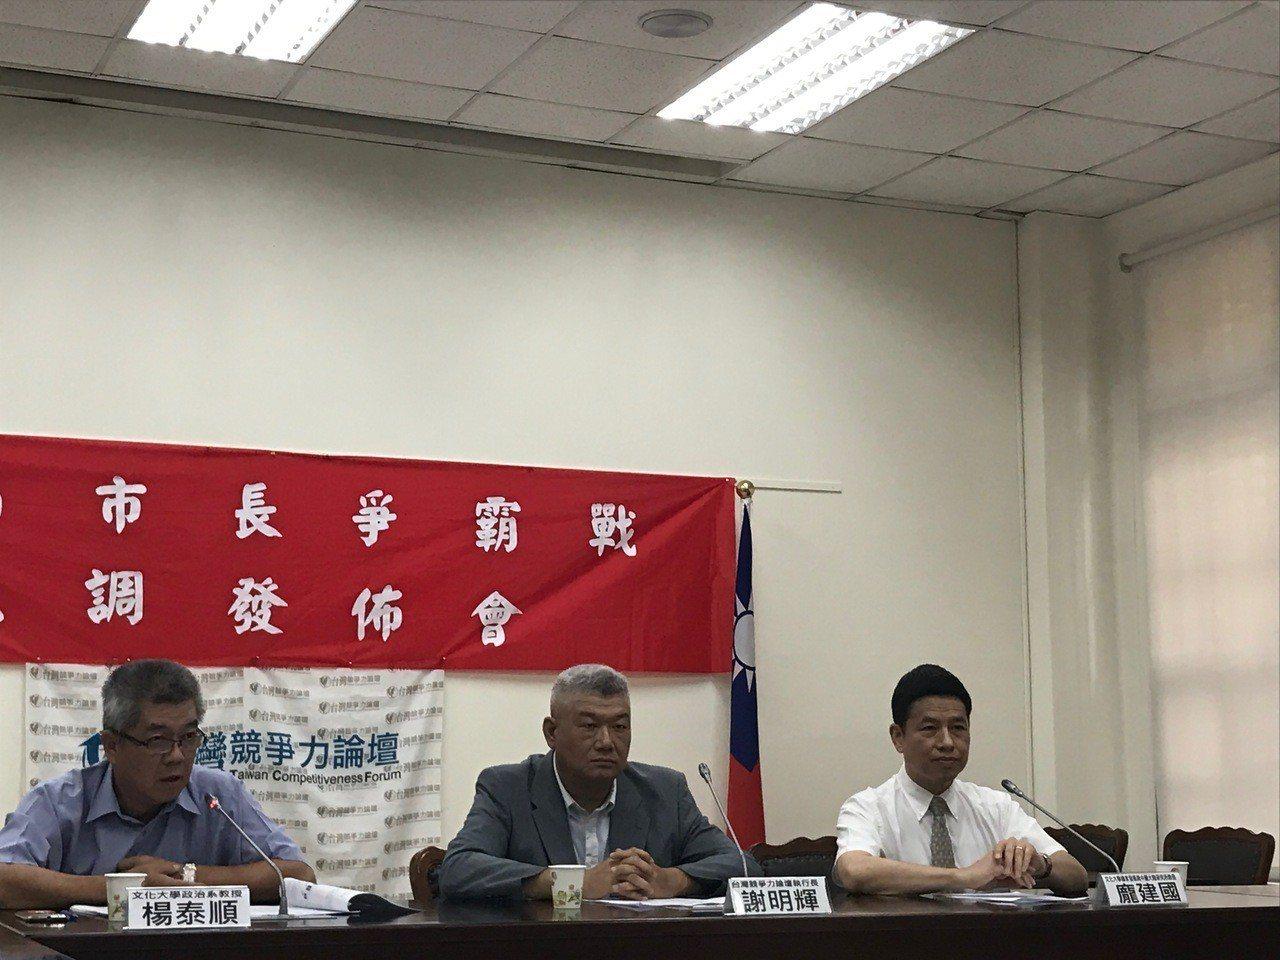 台灣競爭力論壇學會召開民調記者會。 記者余靖瑩/攝影